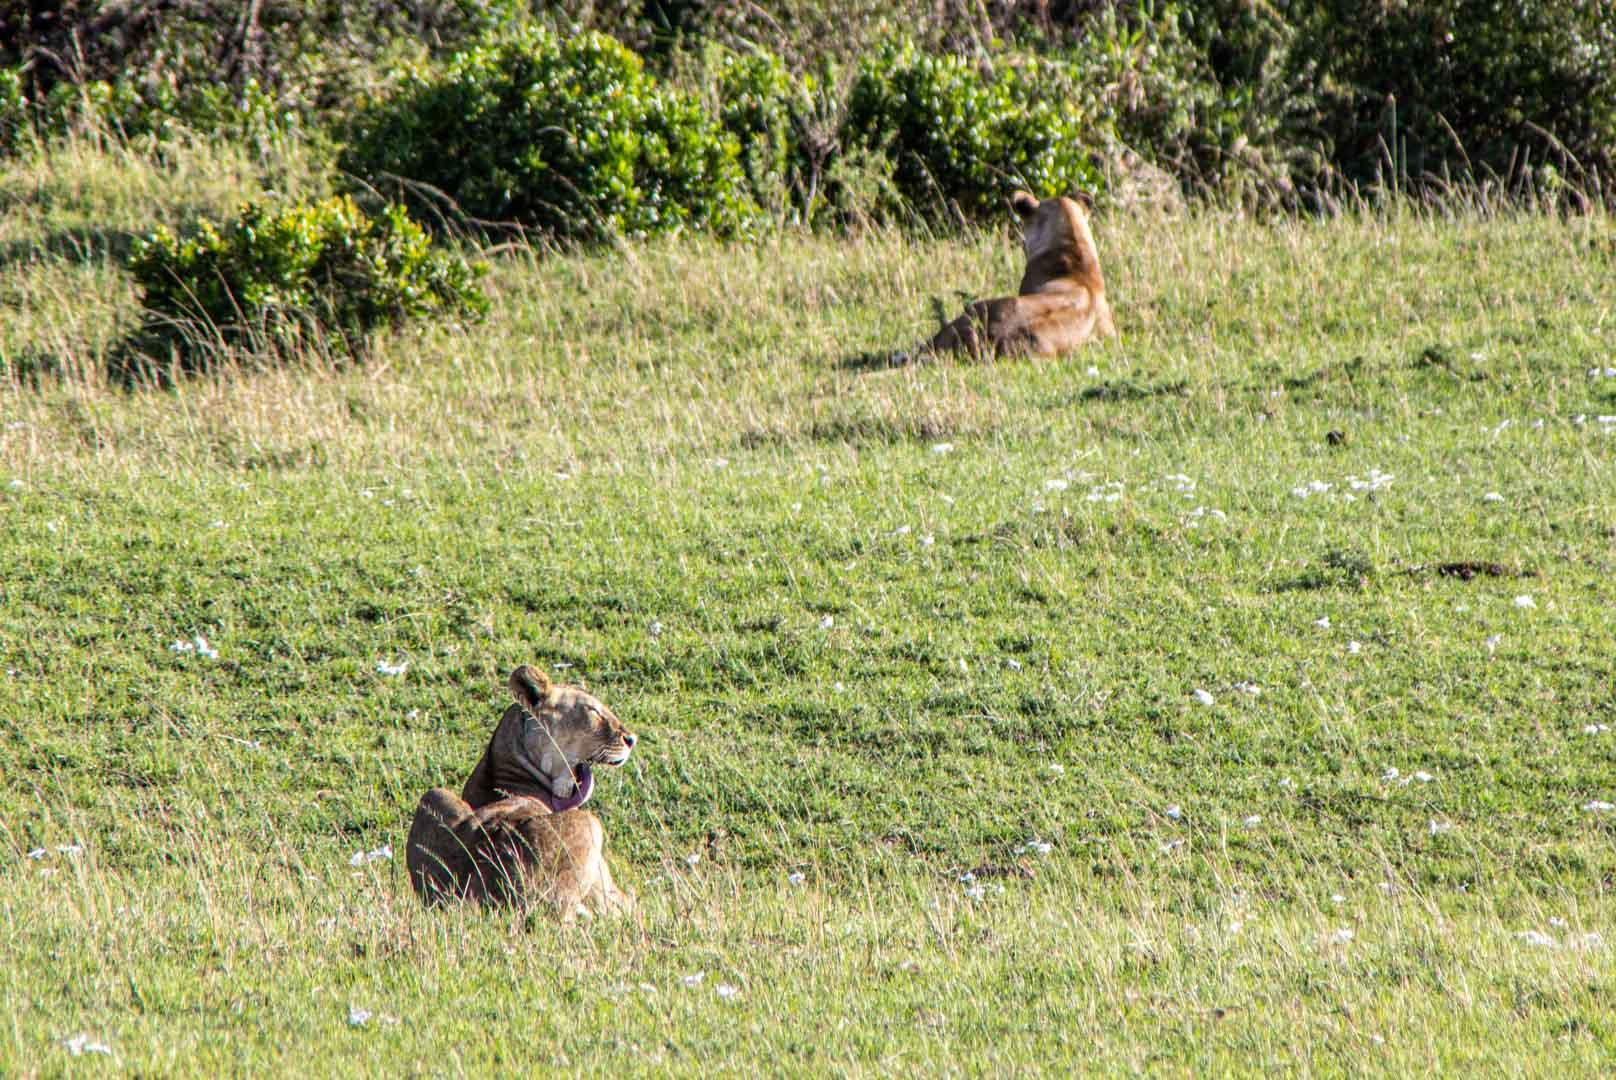 Leonas esperando para cazar, Masai Mara, Kenia